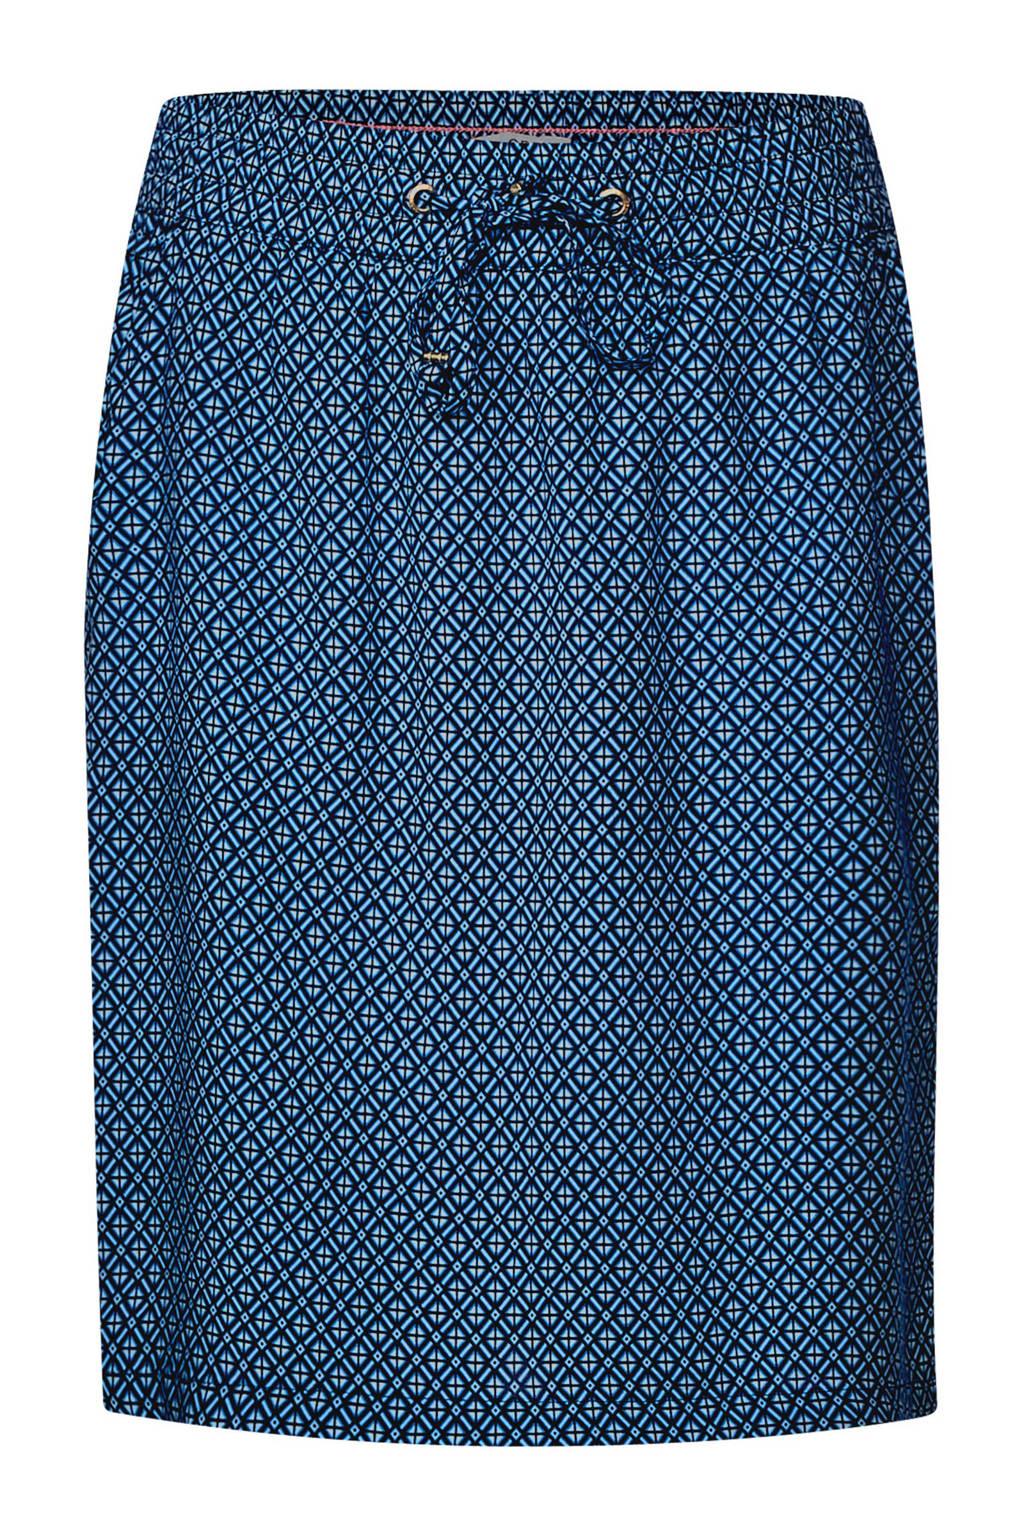 CECIL rok met al over print blauw, Blauw/wit